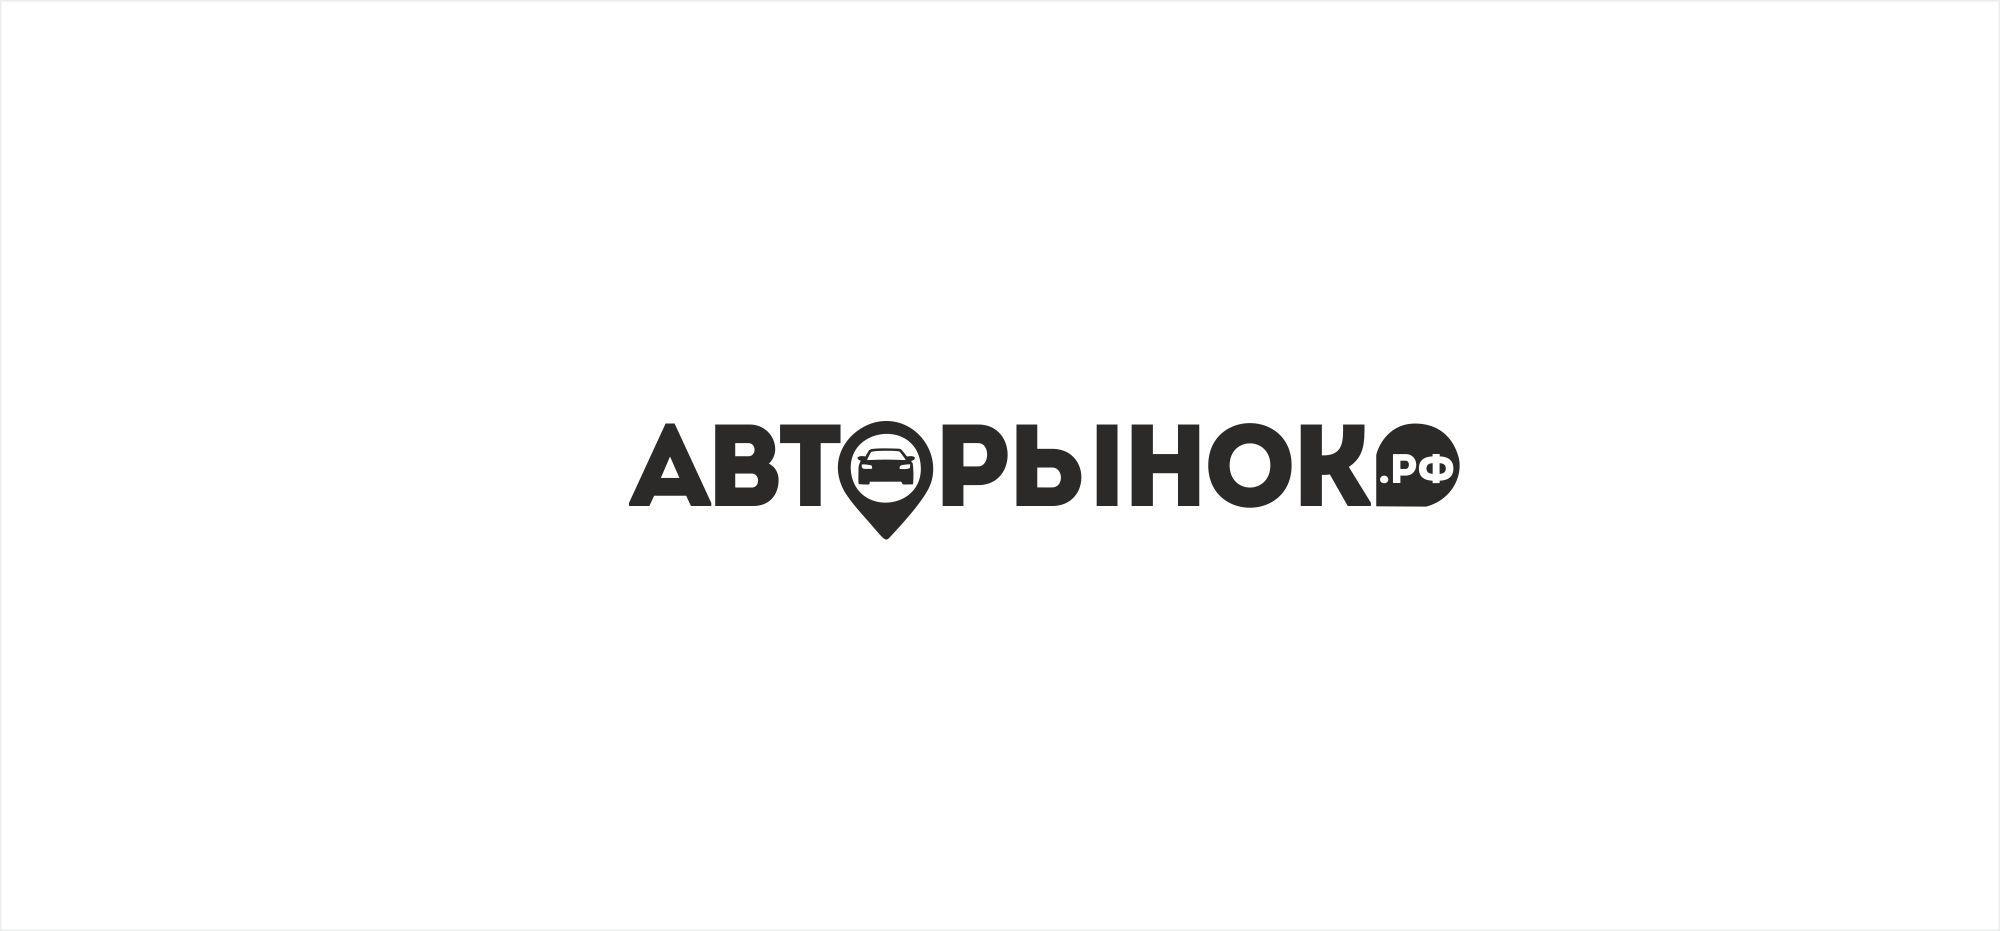 Логотип для сайта Авторынок.рф - дизайнер AnnAF90